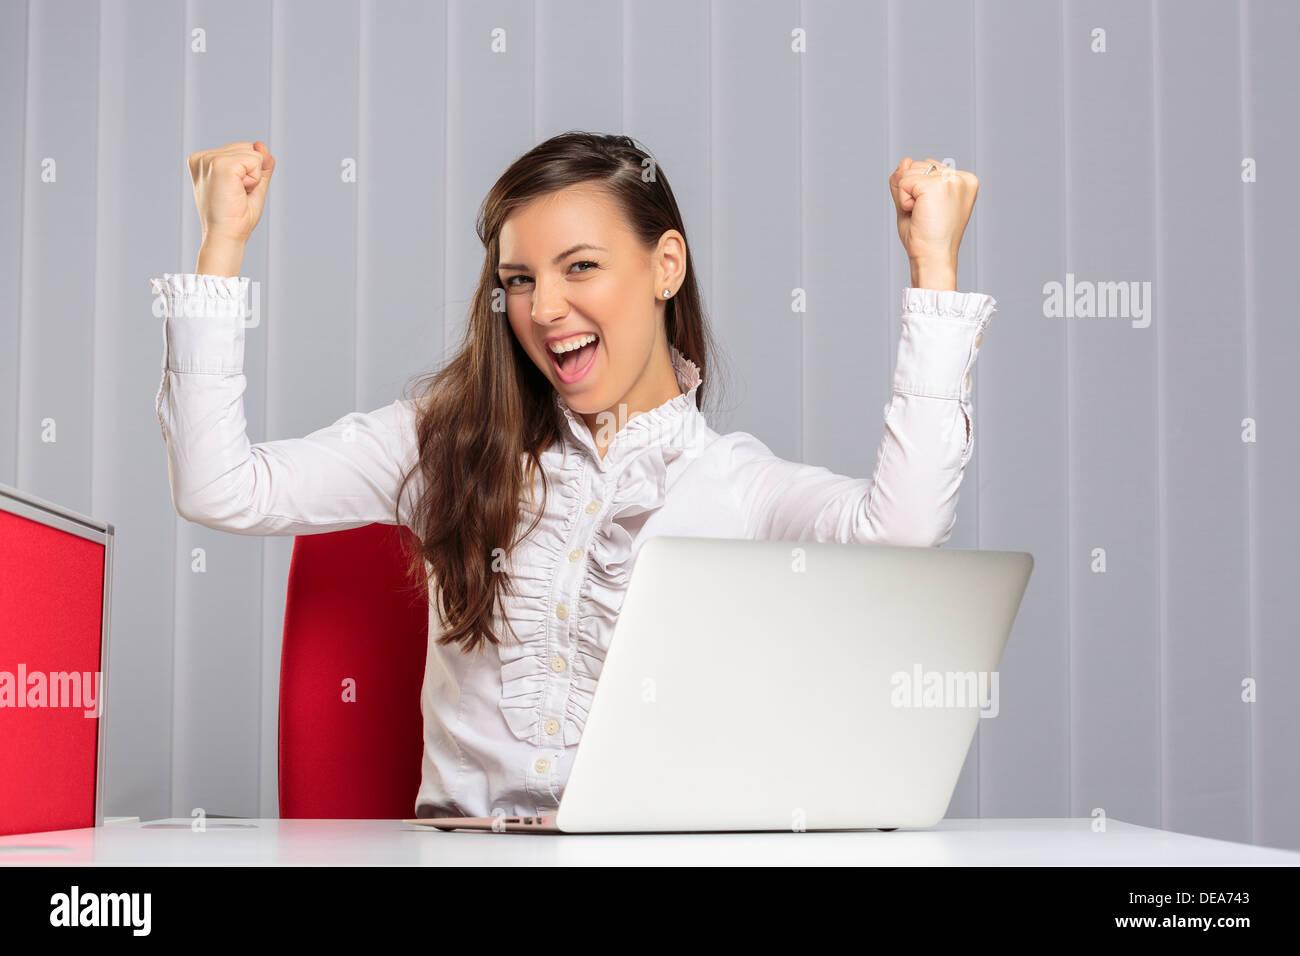 Ejecutivo femenino excitado gritando y celebrando con los puños apretados planteó su negocio victoria en la oficina. Imagen De Stock